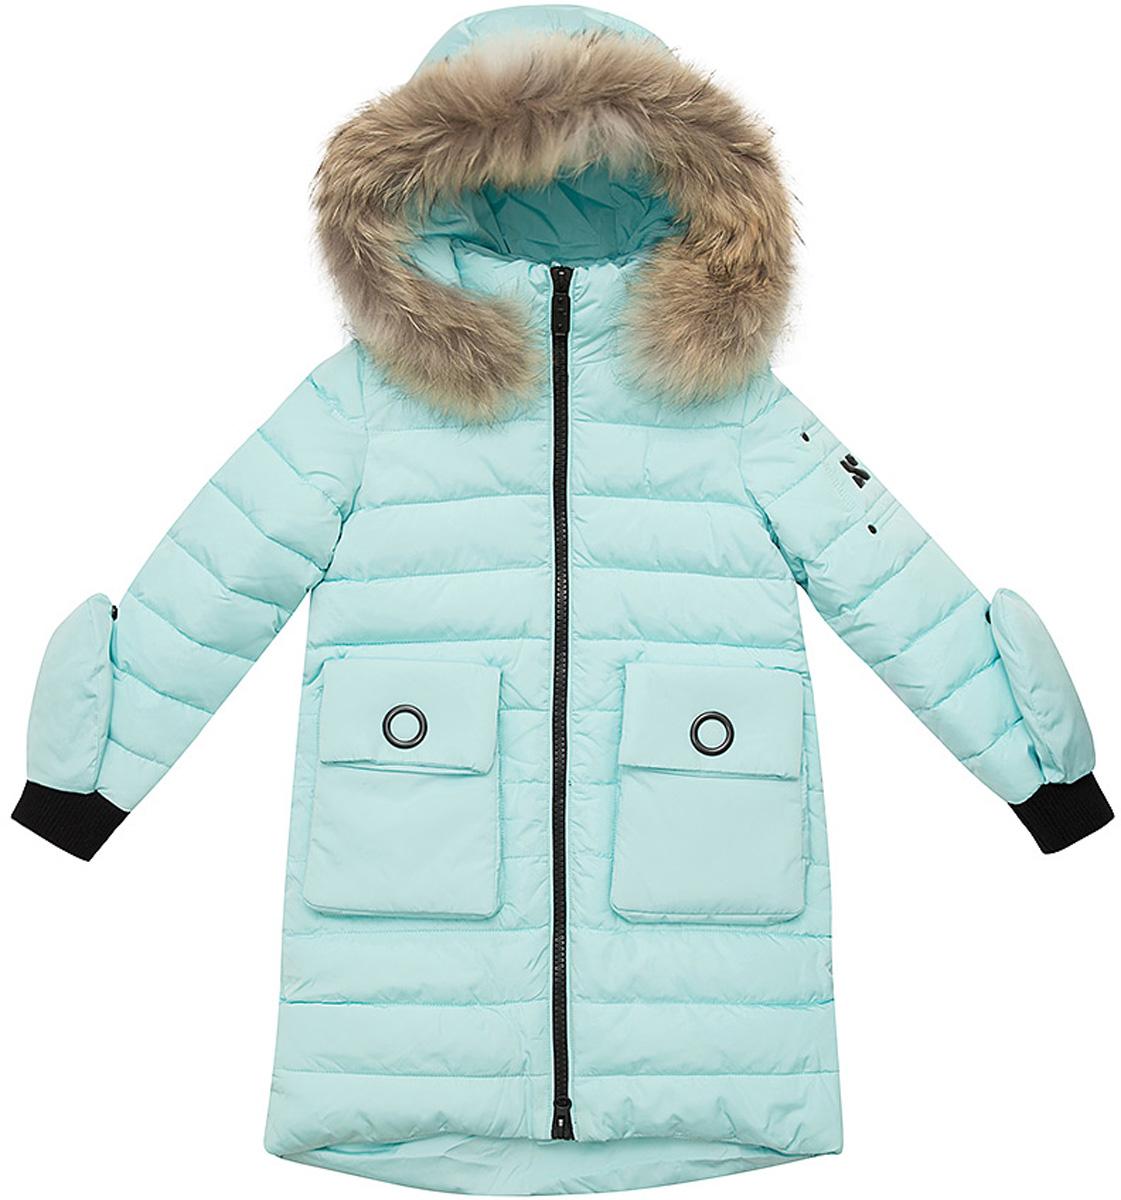 Куртка для девочки Vitacci, цвет: мятный. 2171459-32. Размер 1282171459-32Куртка для девочки удлиненная. Капюшон съемный, отделка из натурального меха. Куртка декорирована накладными карманами и не съемными рукавичками на кнопках. Подкладка утеплена флисом по спинке. Наполнитель БИО ПУХ. Температурный режим от -10°С до -25°С